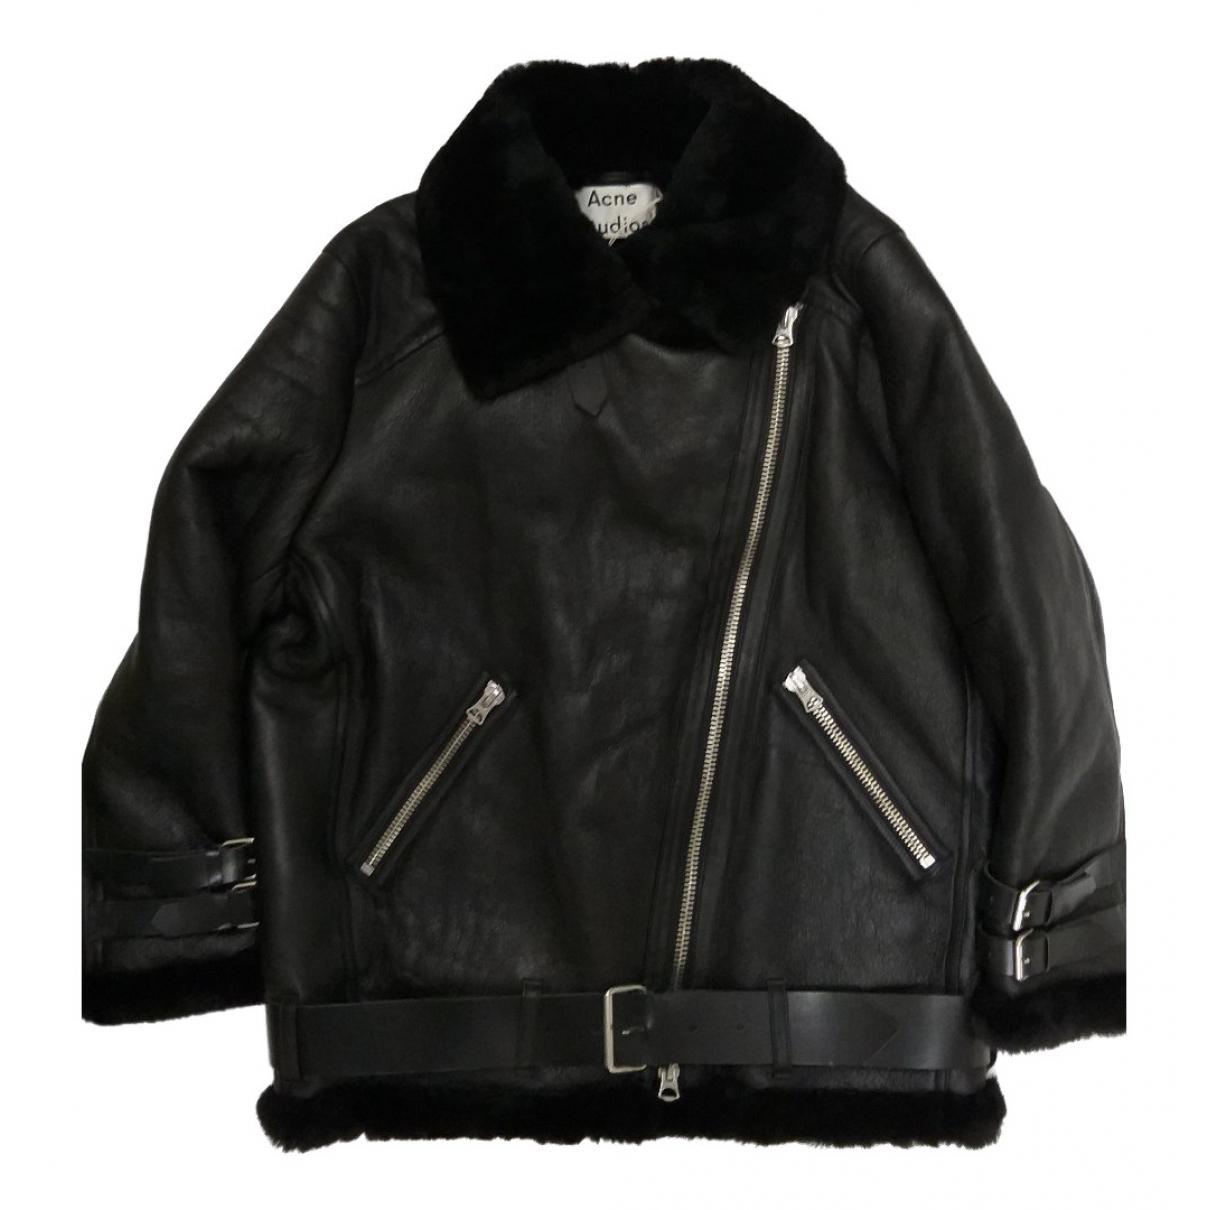 Acne Studios \N Black Leather jacket  for Men 38 UK - US